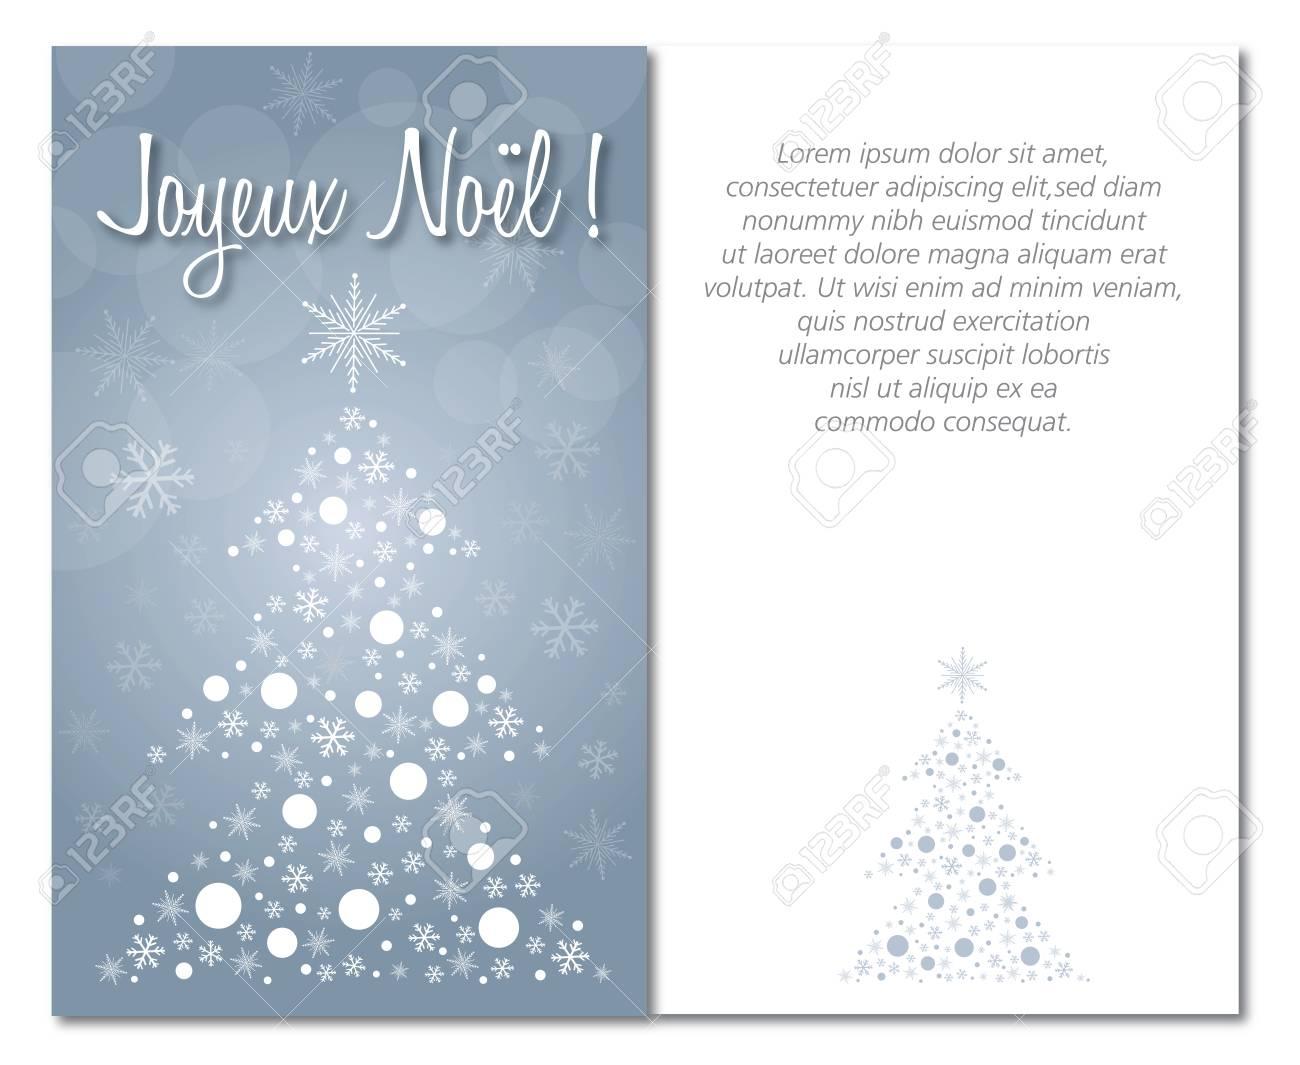 Français Joyeux Noël Carte De Voeux Avant Et L'intérieur Ou Le Dos